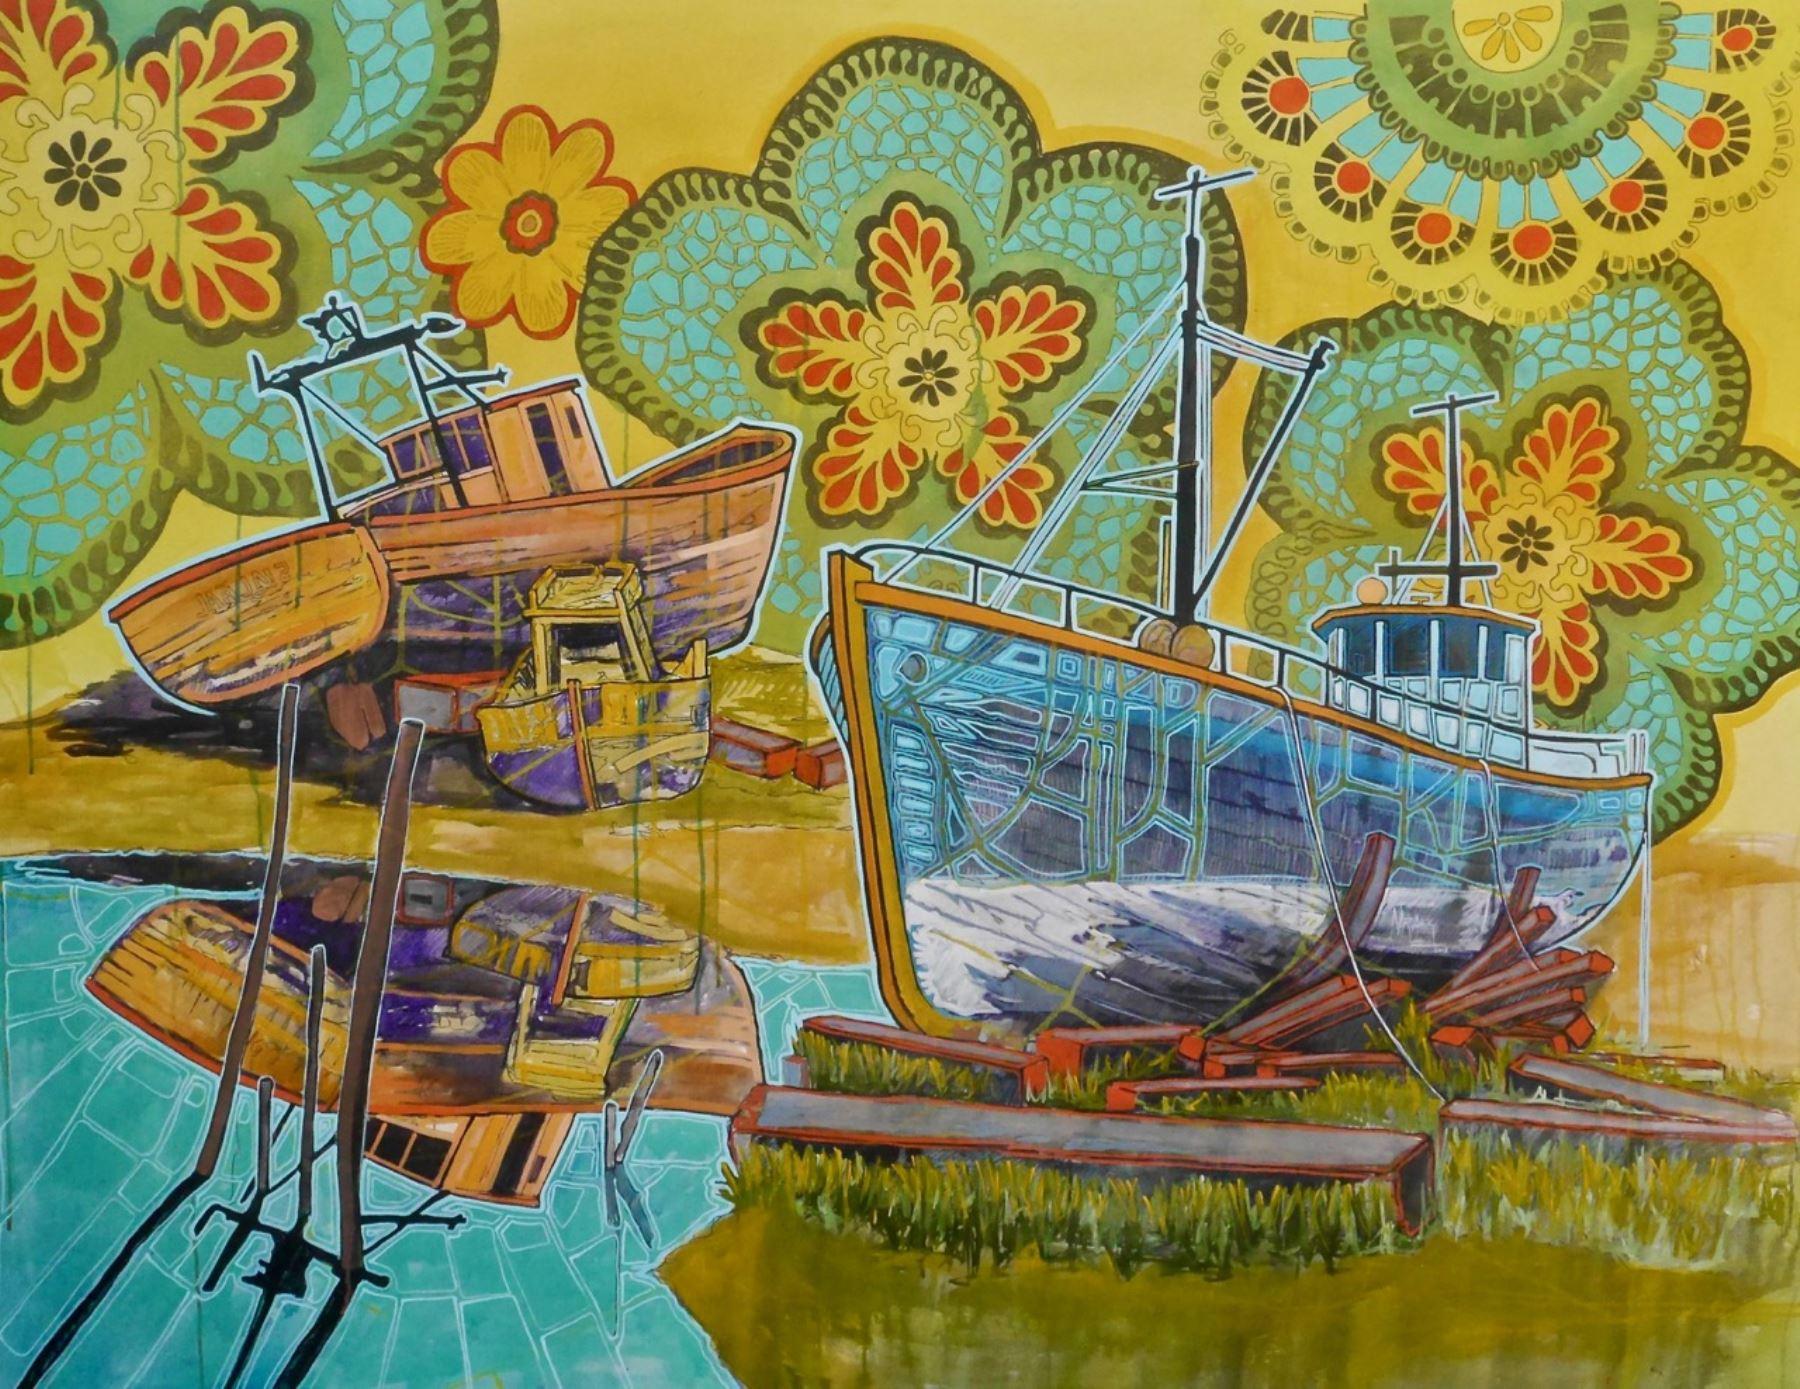 Reflexión y espiritualidad en la exposición del artista Persi Narváez